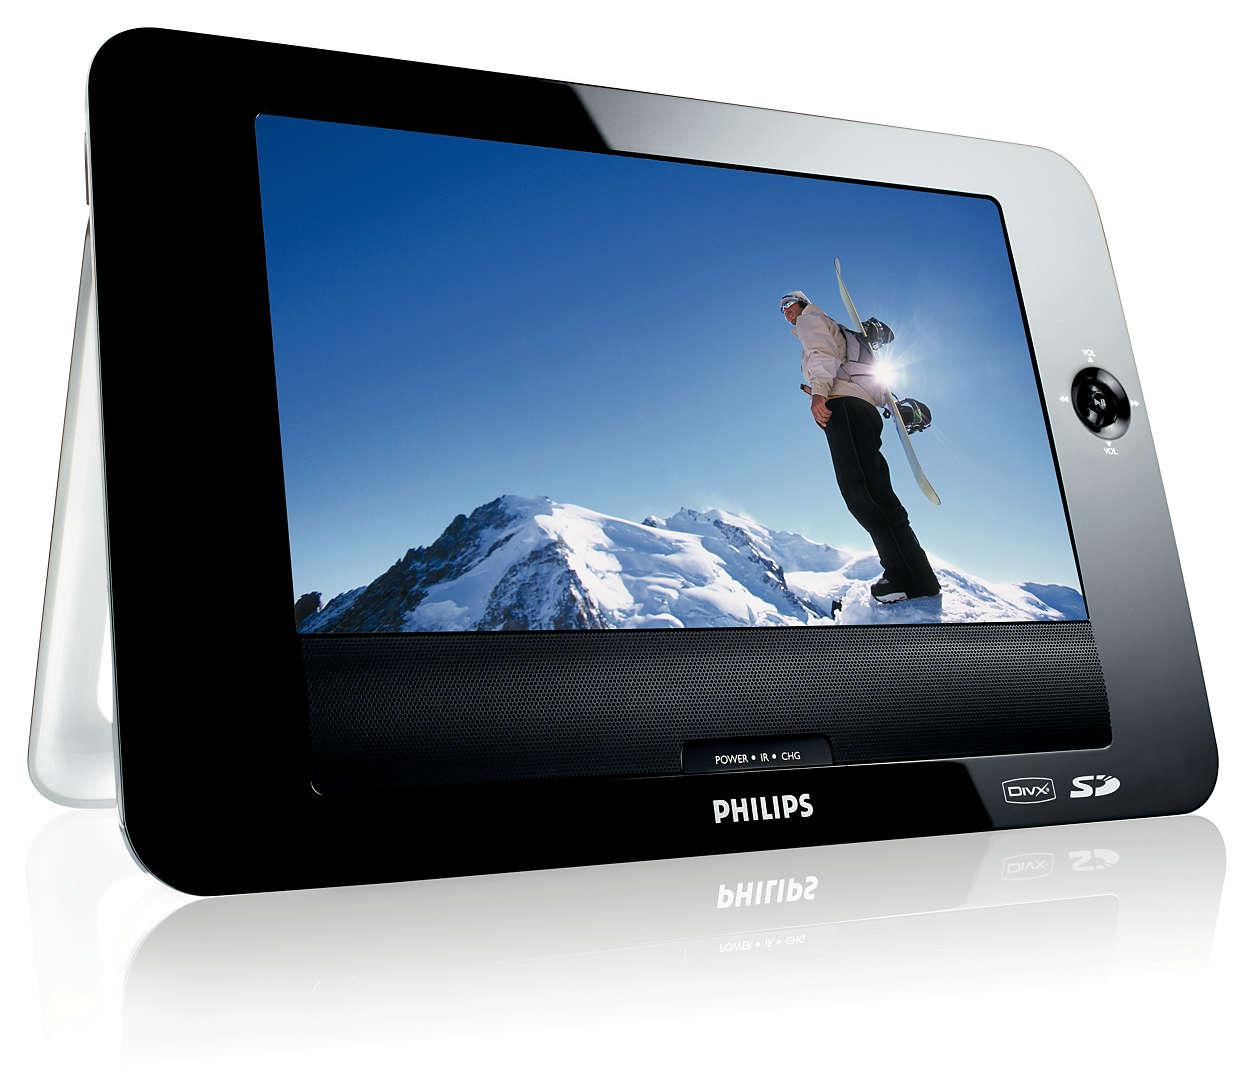 Diseño compacto con DVD integrado